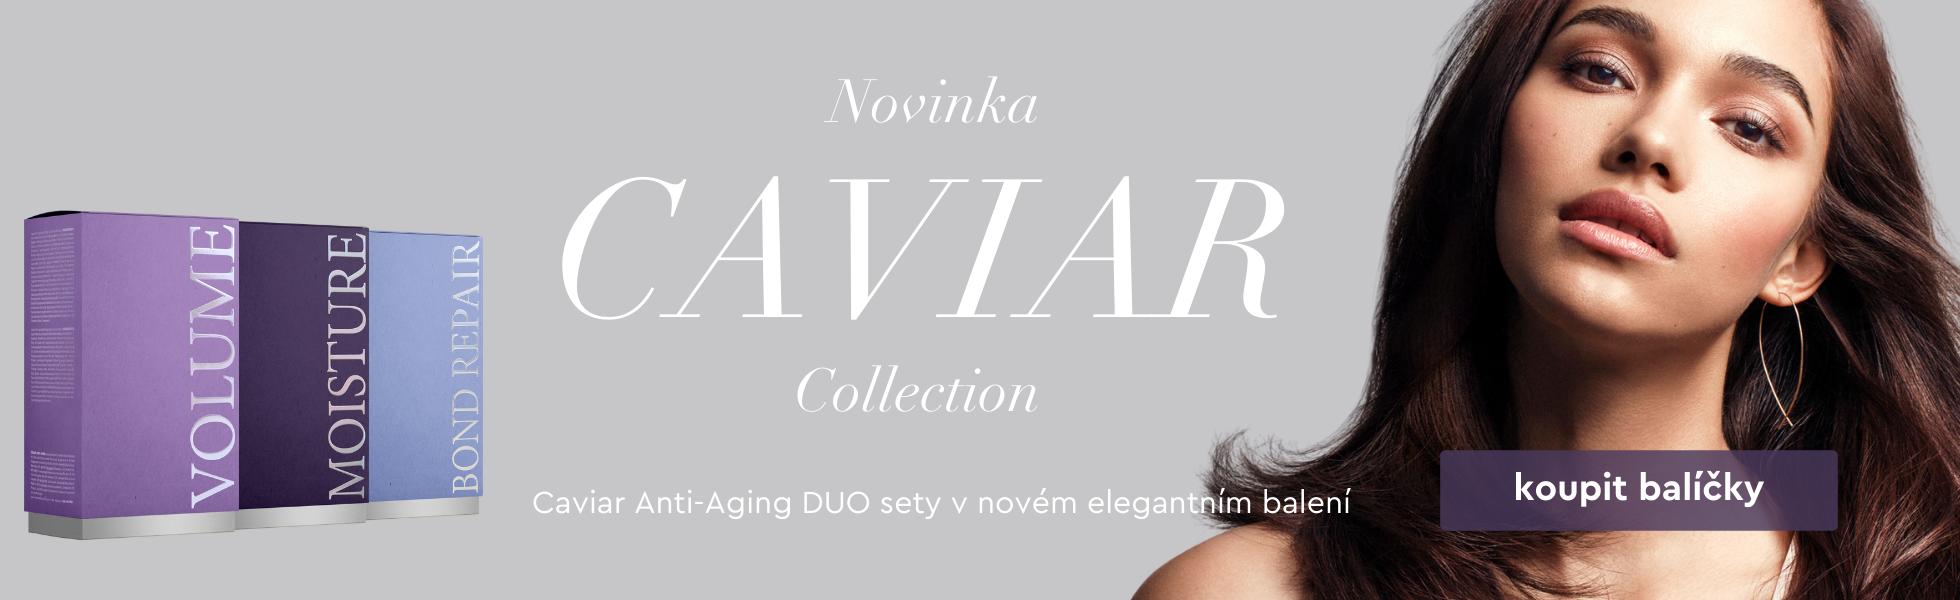 Alterna Caviar Anti-Aging v nových dárkových setech.